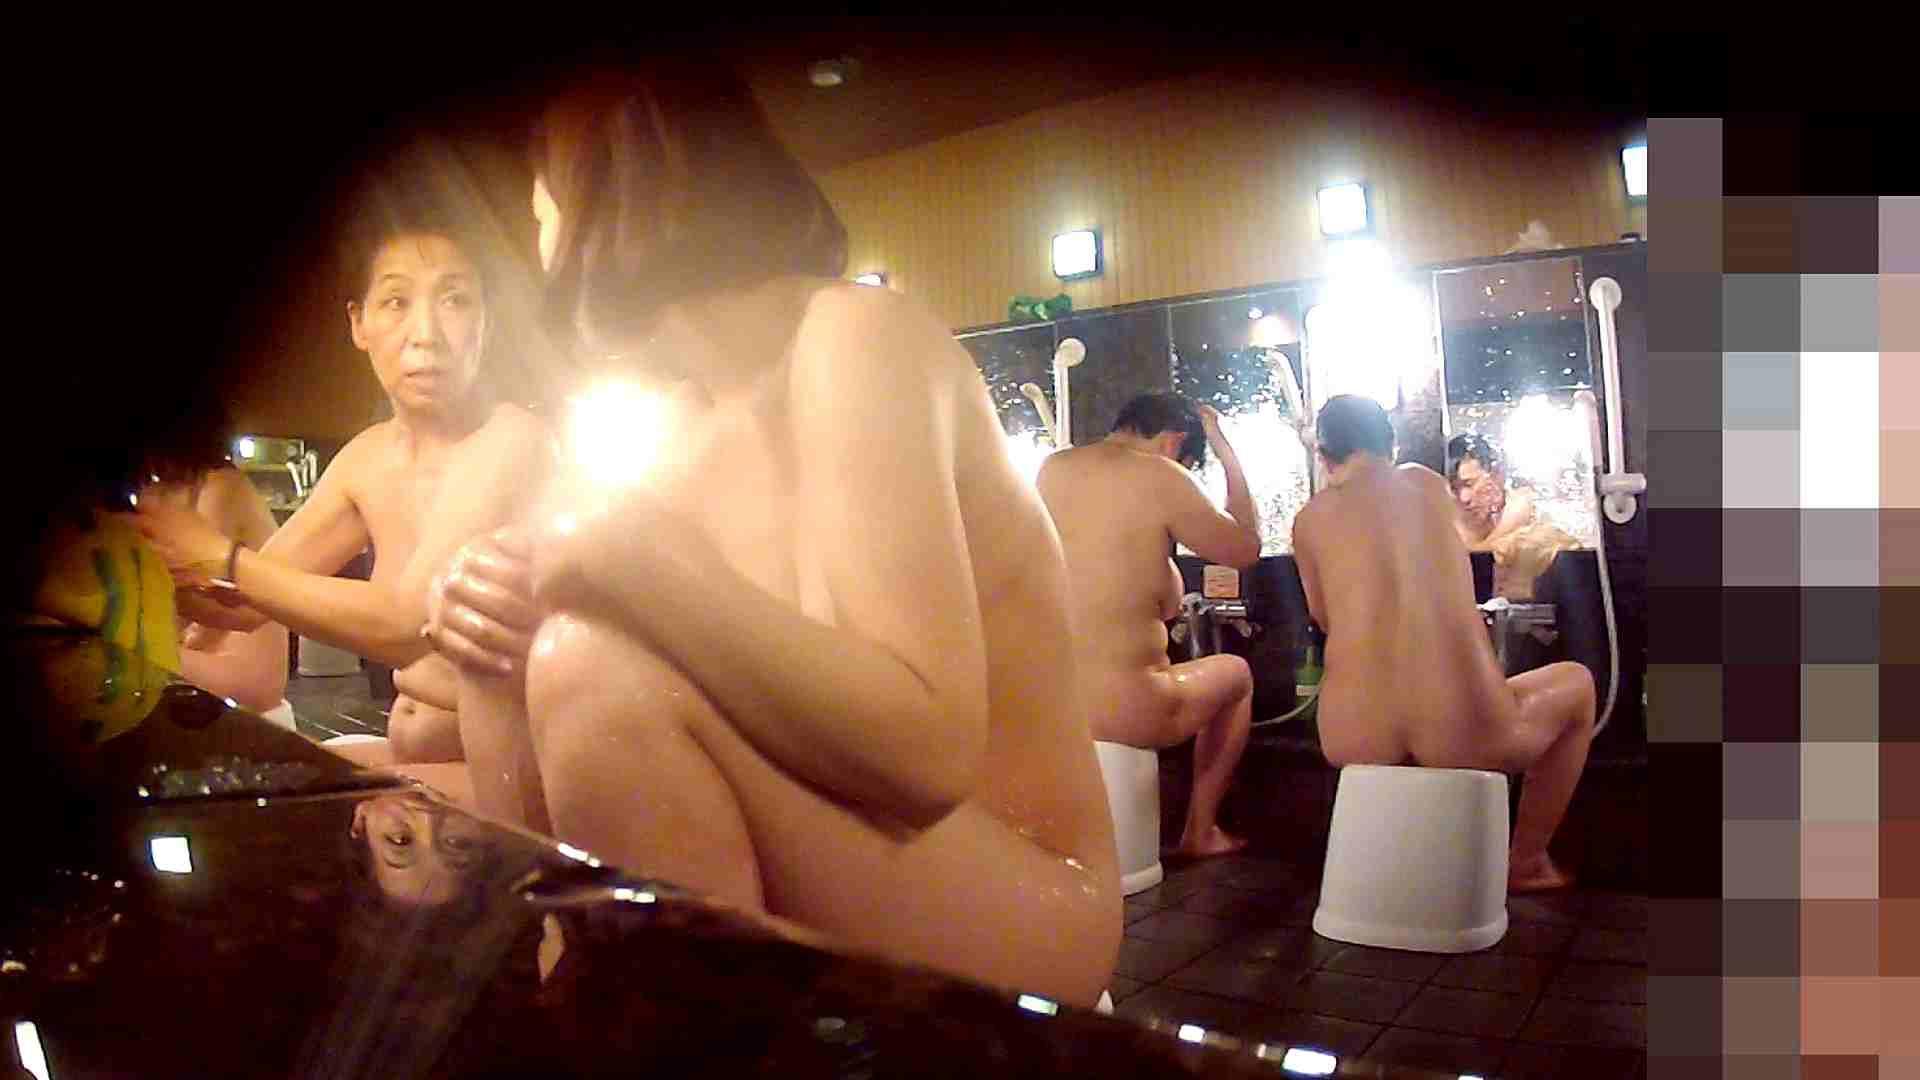 洗い場!陰毛が綺麗に整ってる微美人お嬢様 美人  39Pix 10